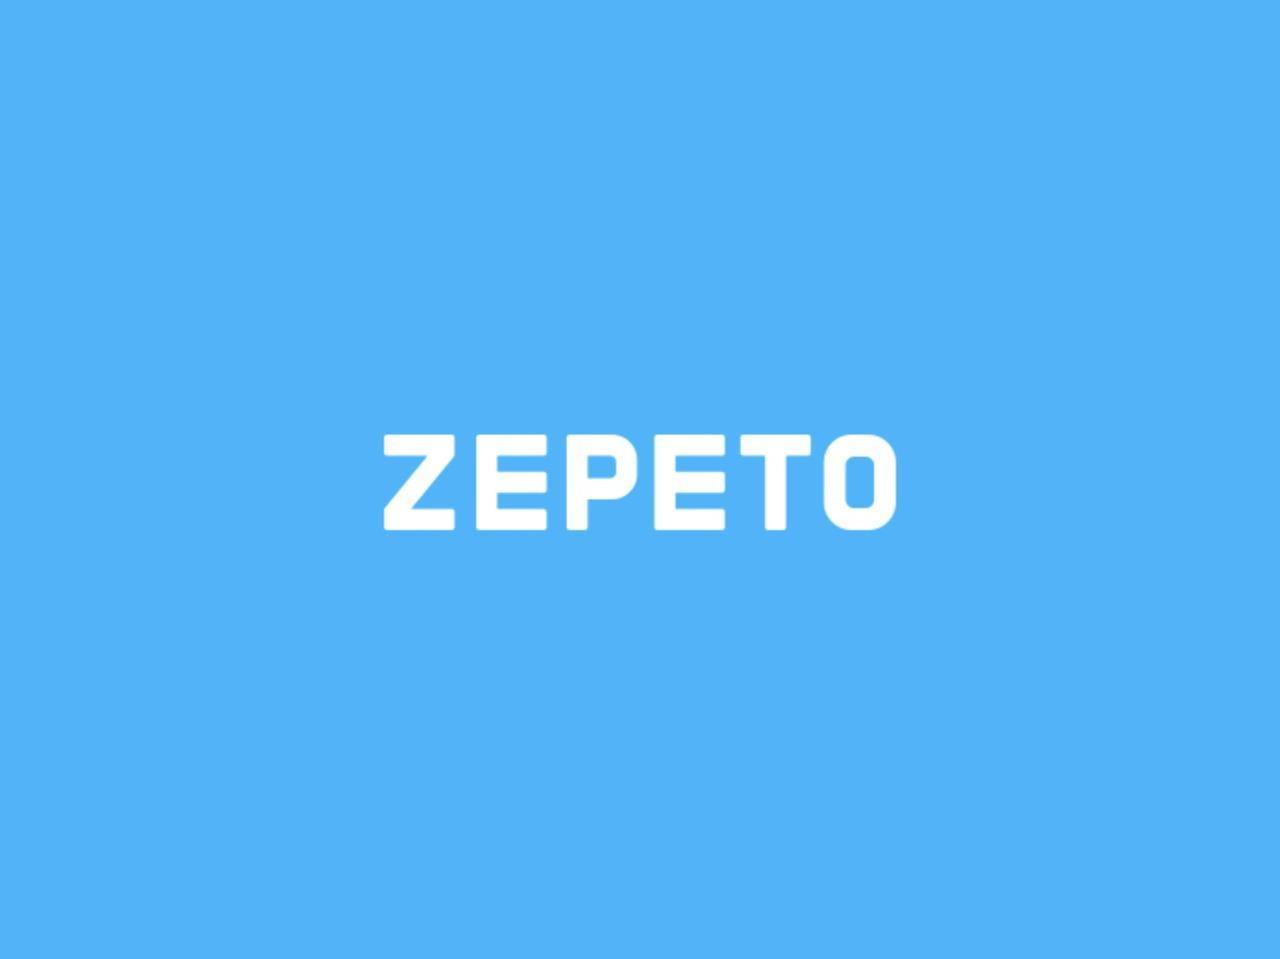 画像: 『ZEPETO』 - Fun Fun Fun Club - デジタル・ライフスタイルマガジン